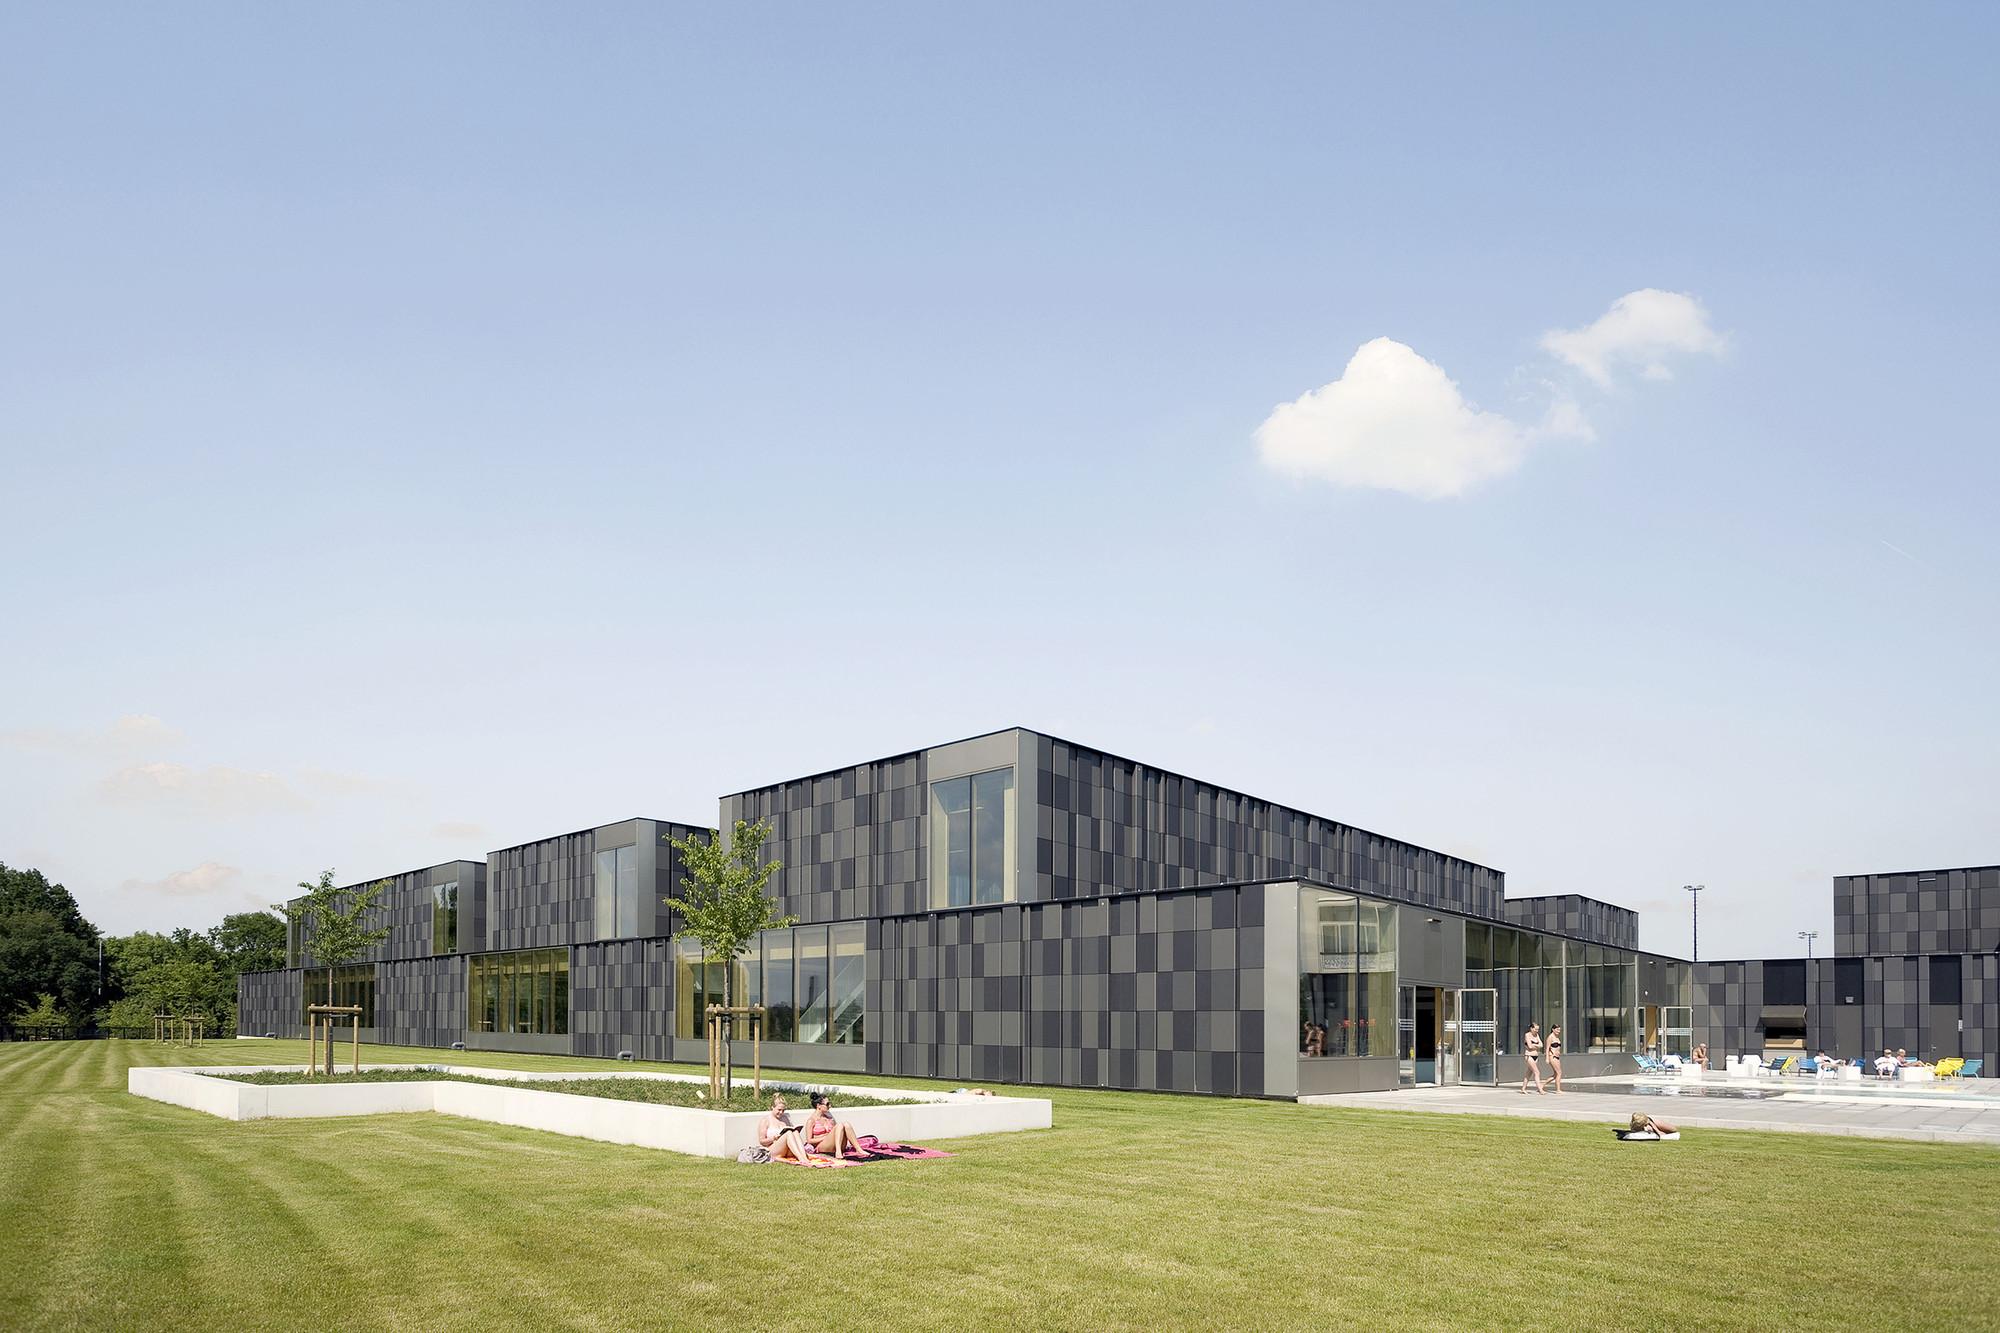 Multifunctional swimming pool complex De Geusselt  / Slangen+Koenis Architects, © Marcel van den Burg